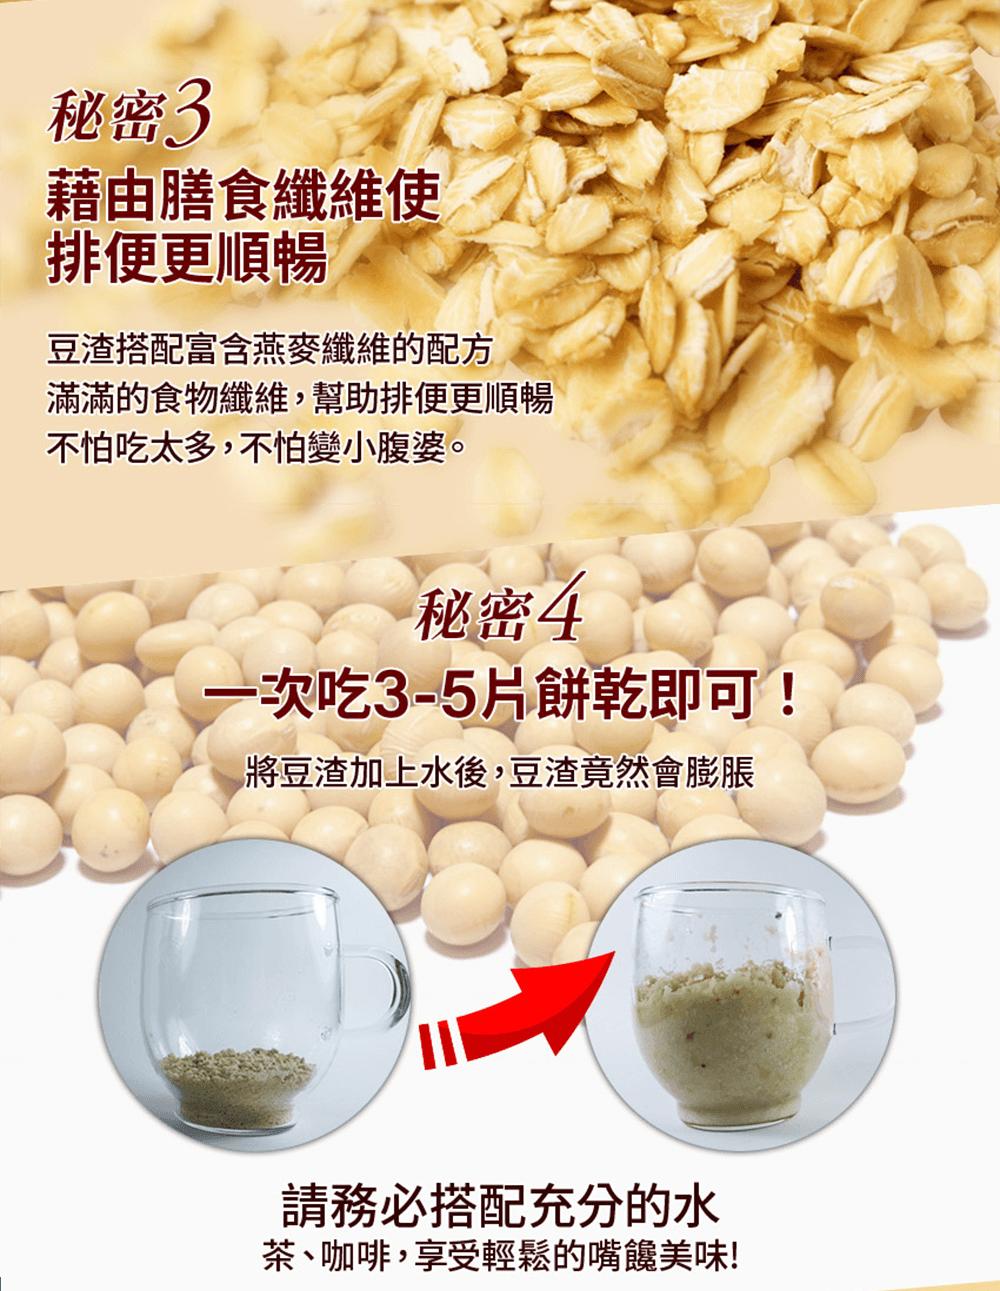 【Guilt FREE SWEETS】【銷售破百萬】日本超人氣美身豆渣餅乾60片裝(添加燕麥)-新裝上市 10